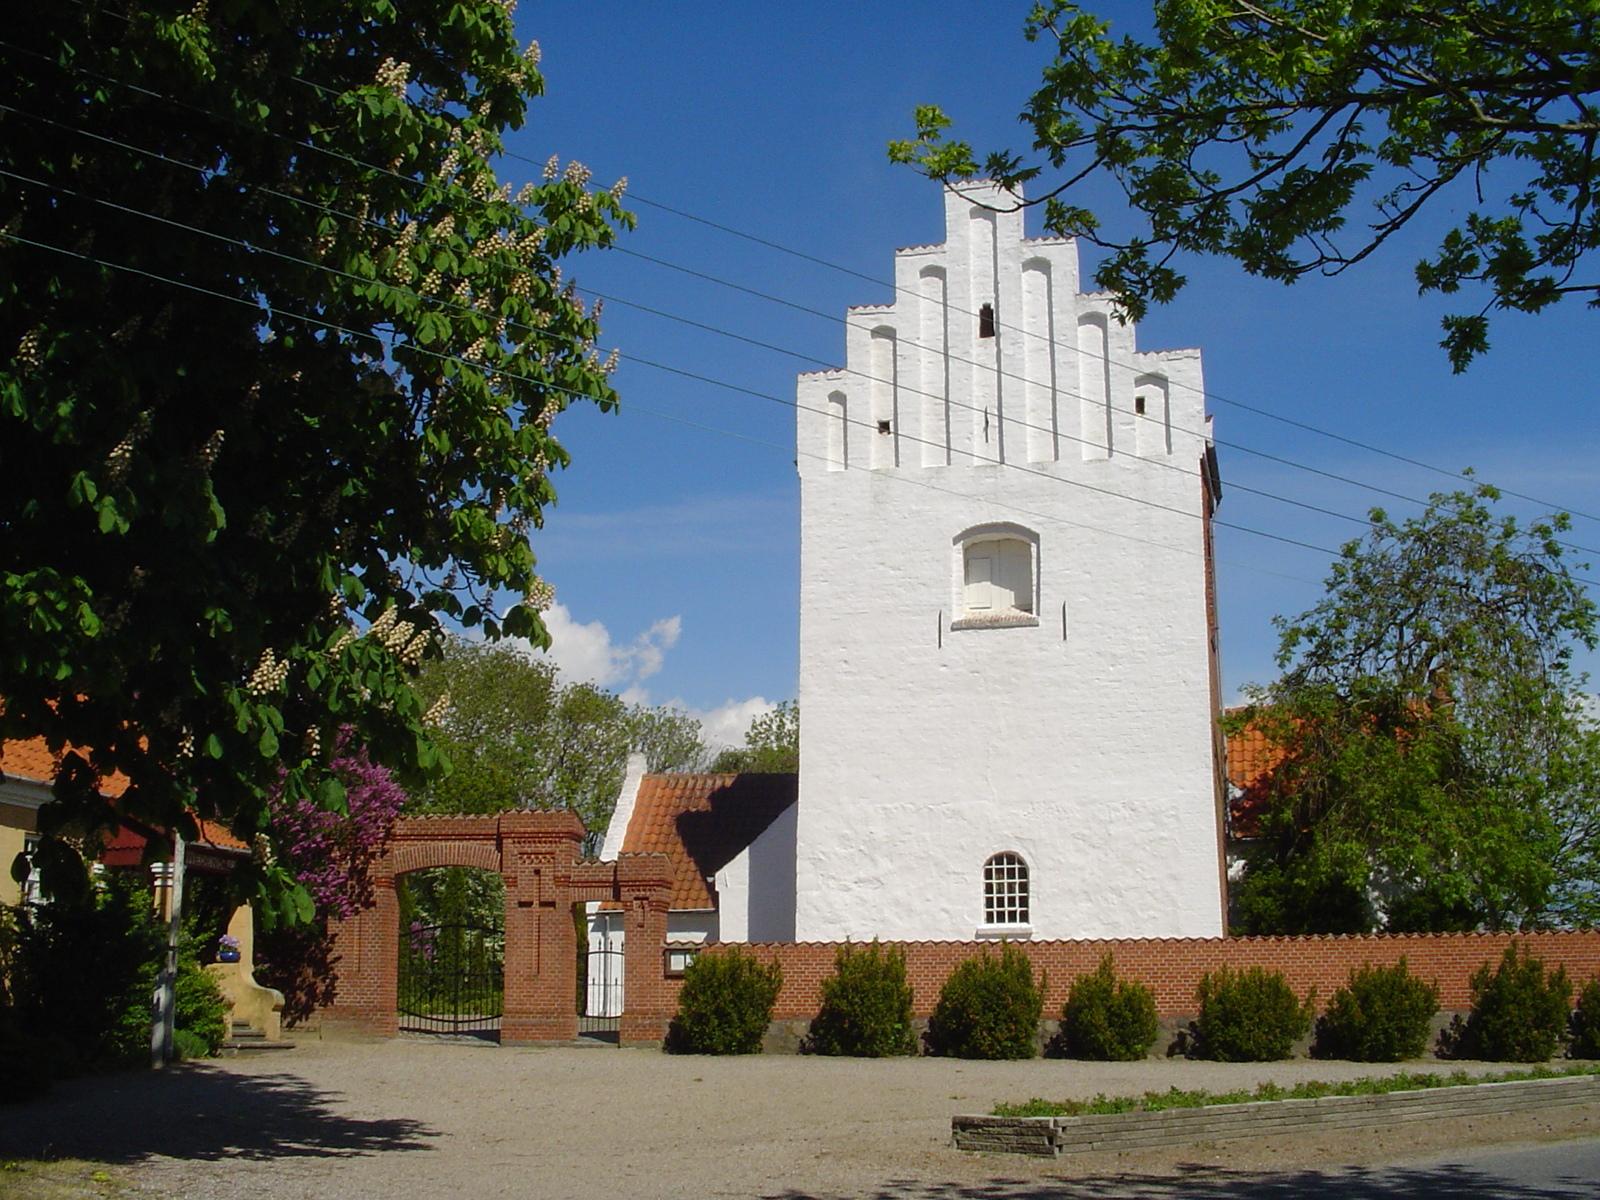 Hejninge kirke fra dengang der var el ledninger i luften.